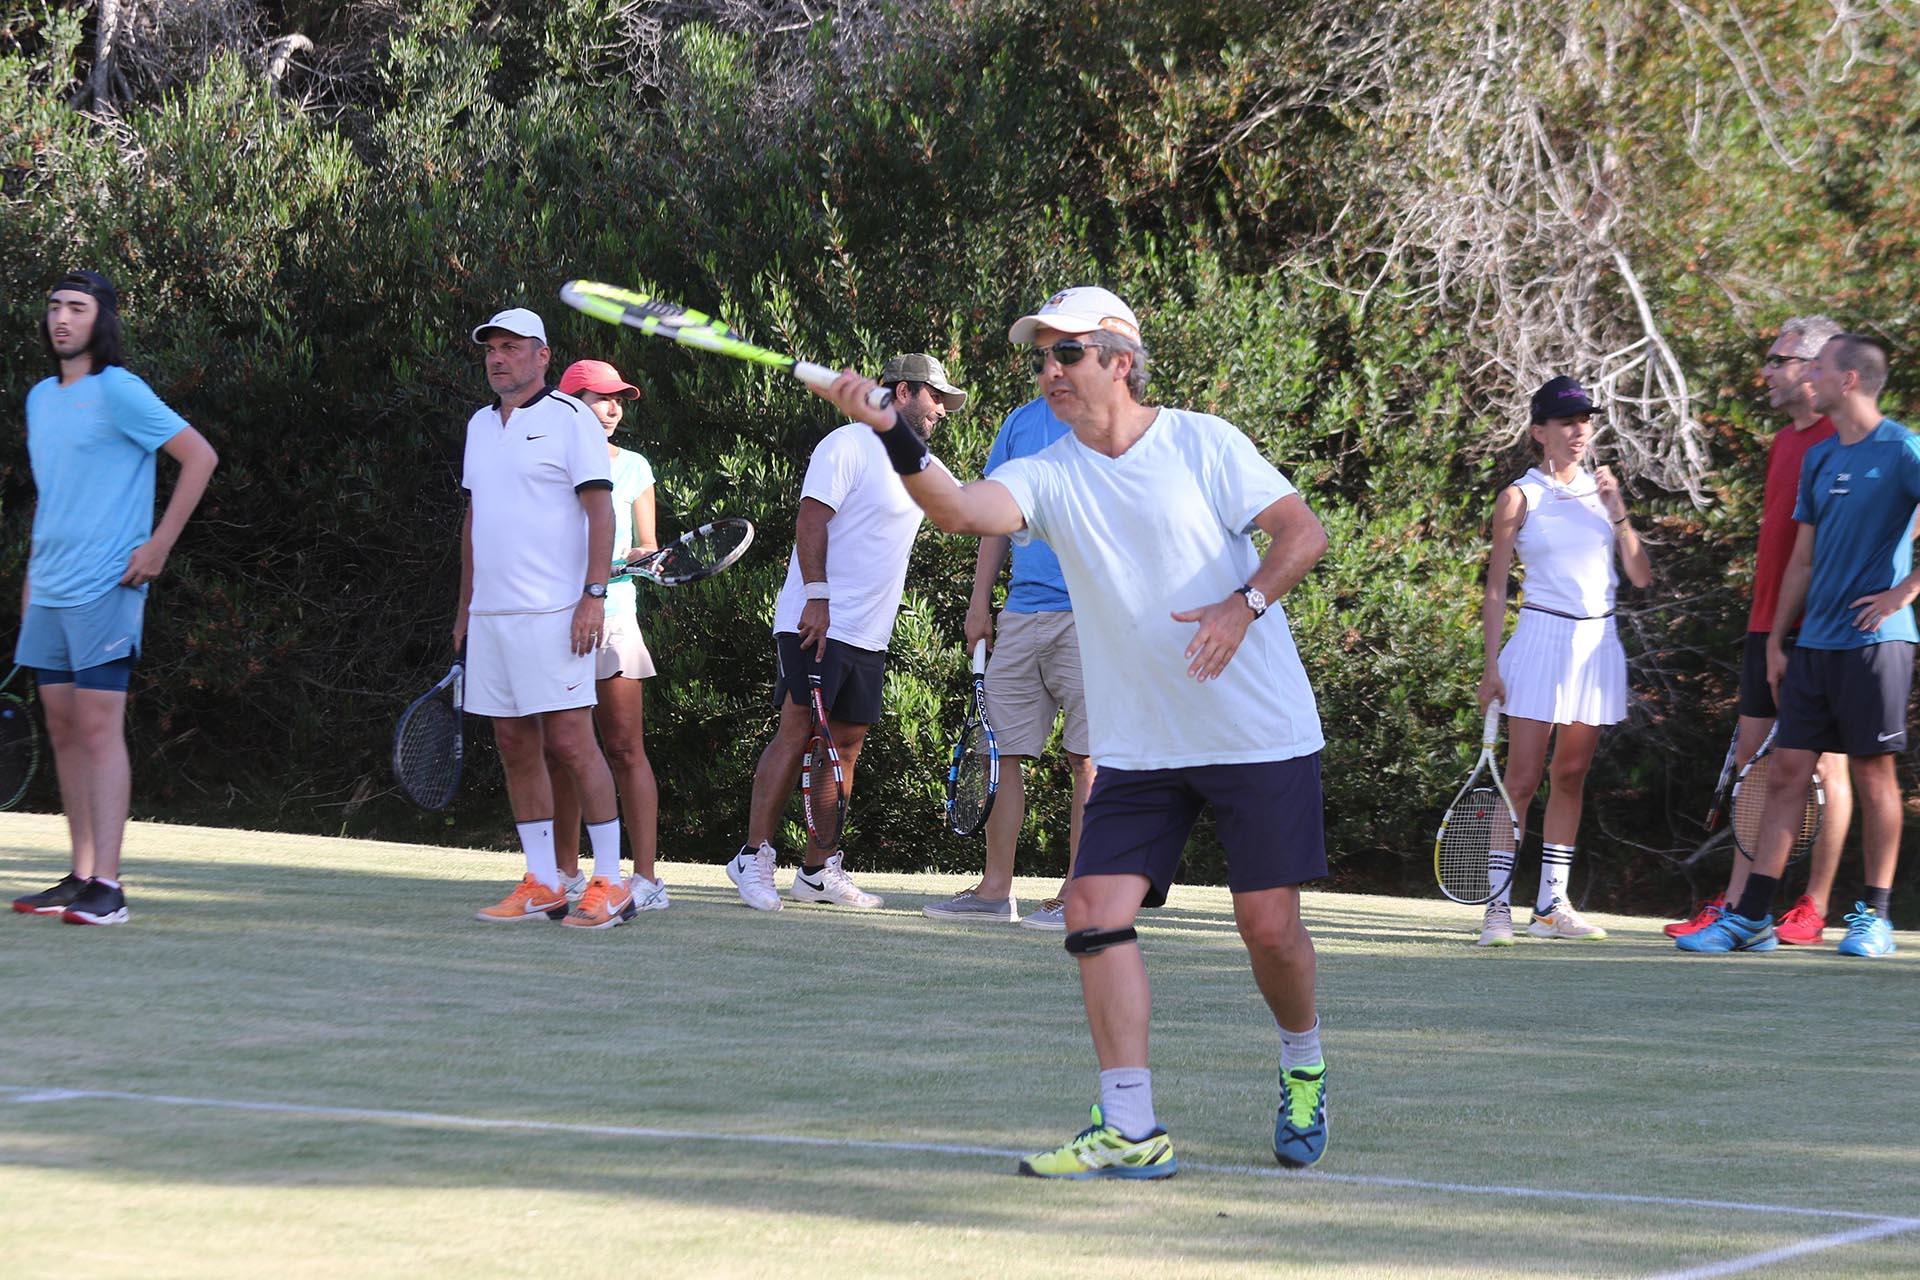 Ricardo Darín en pleno partido. Las Cárcavas presentó sus novedades para esta temporada con un torneo de tenis Pro Am